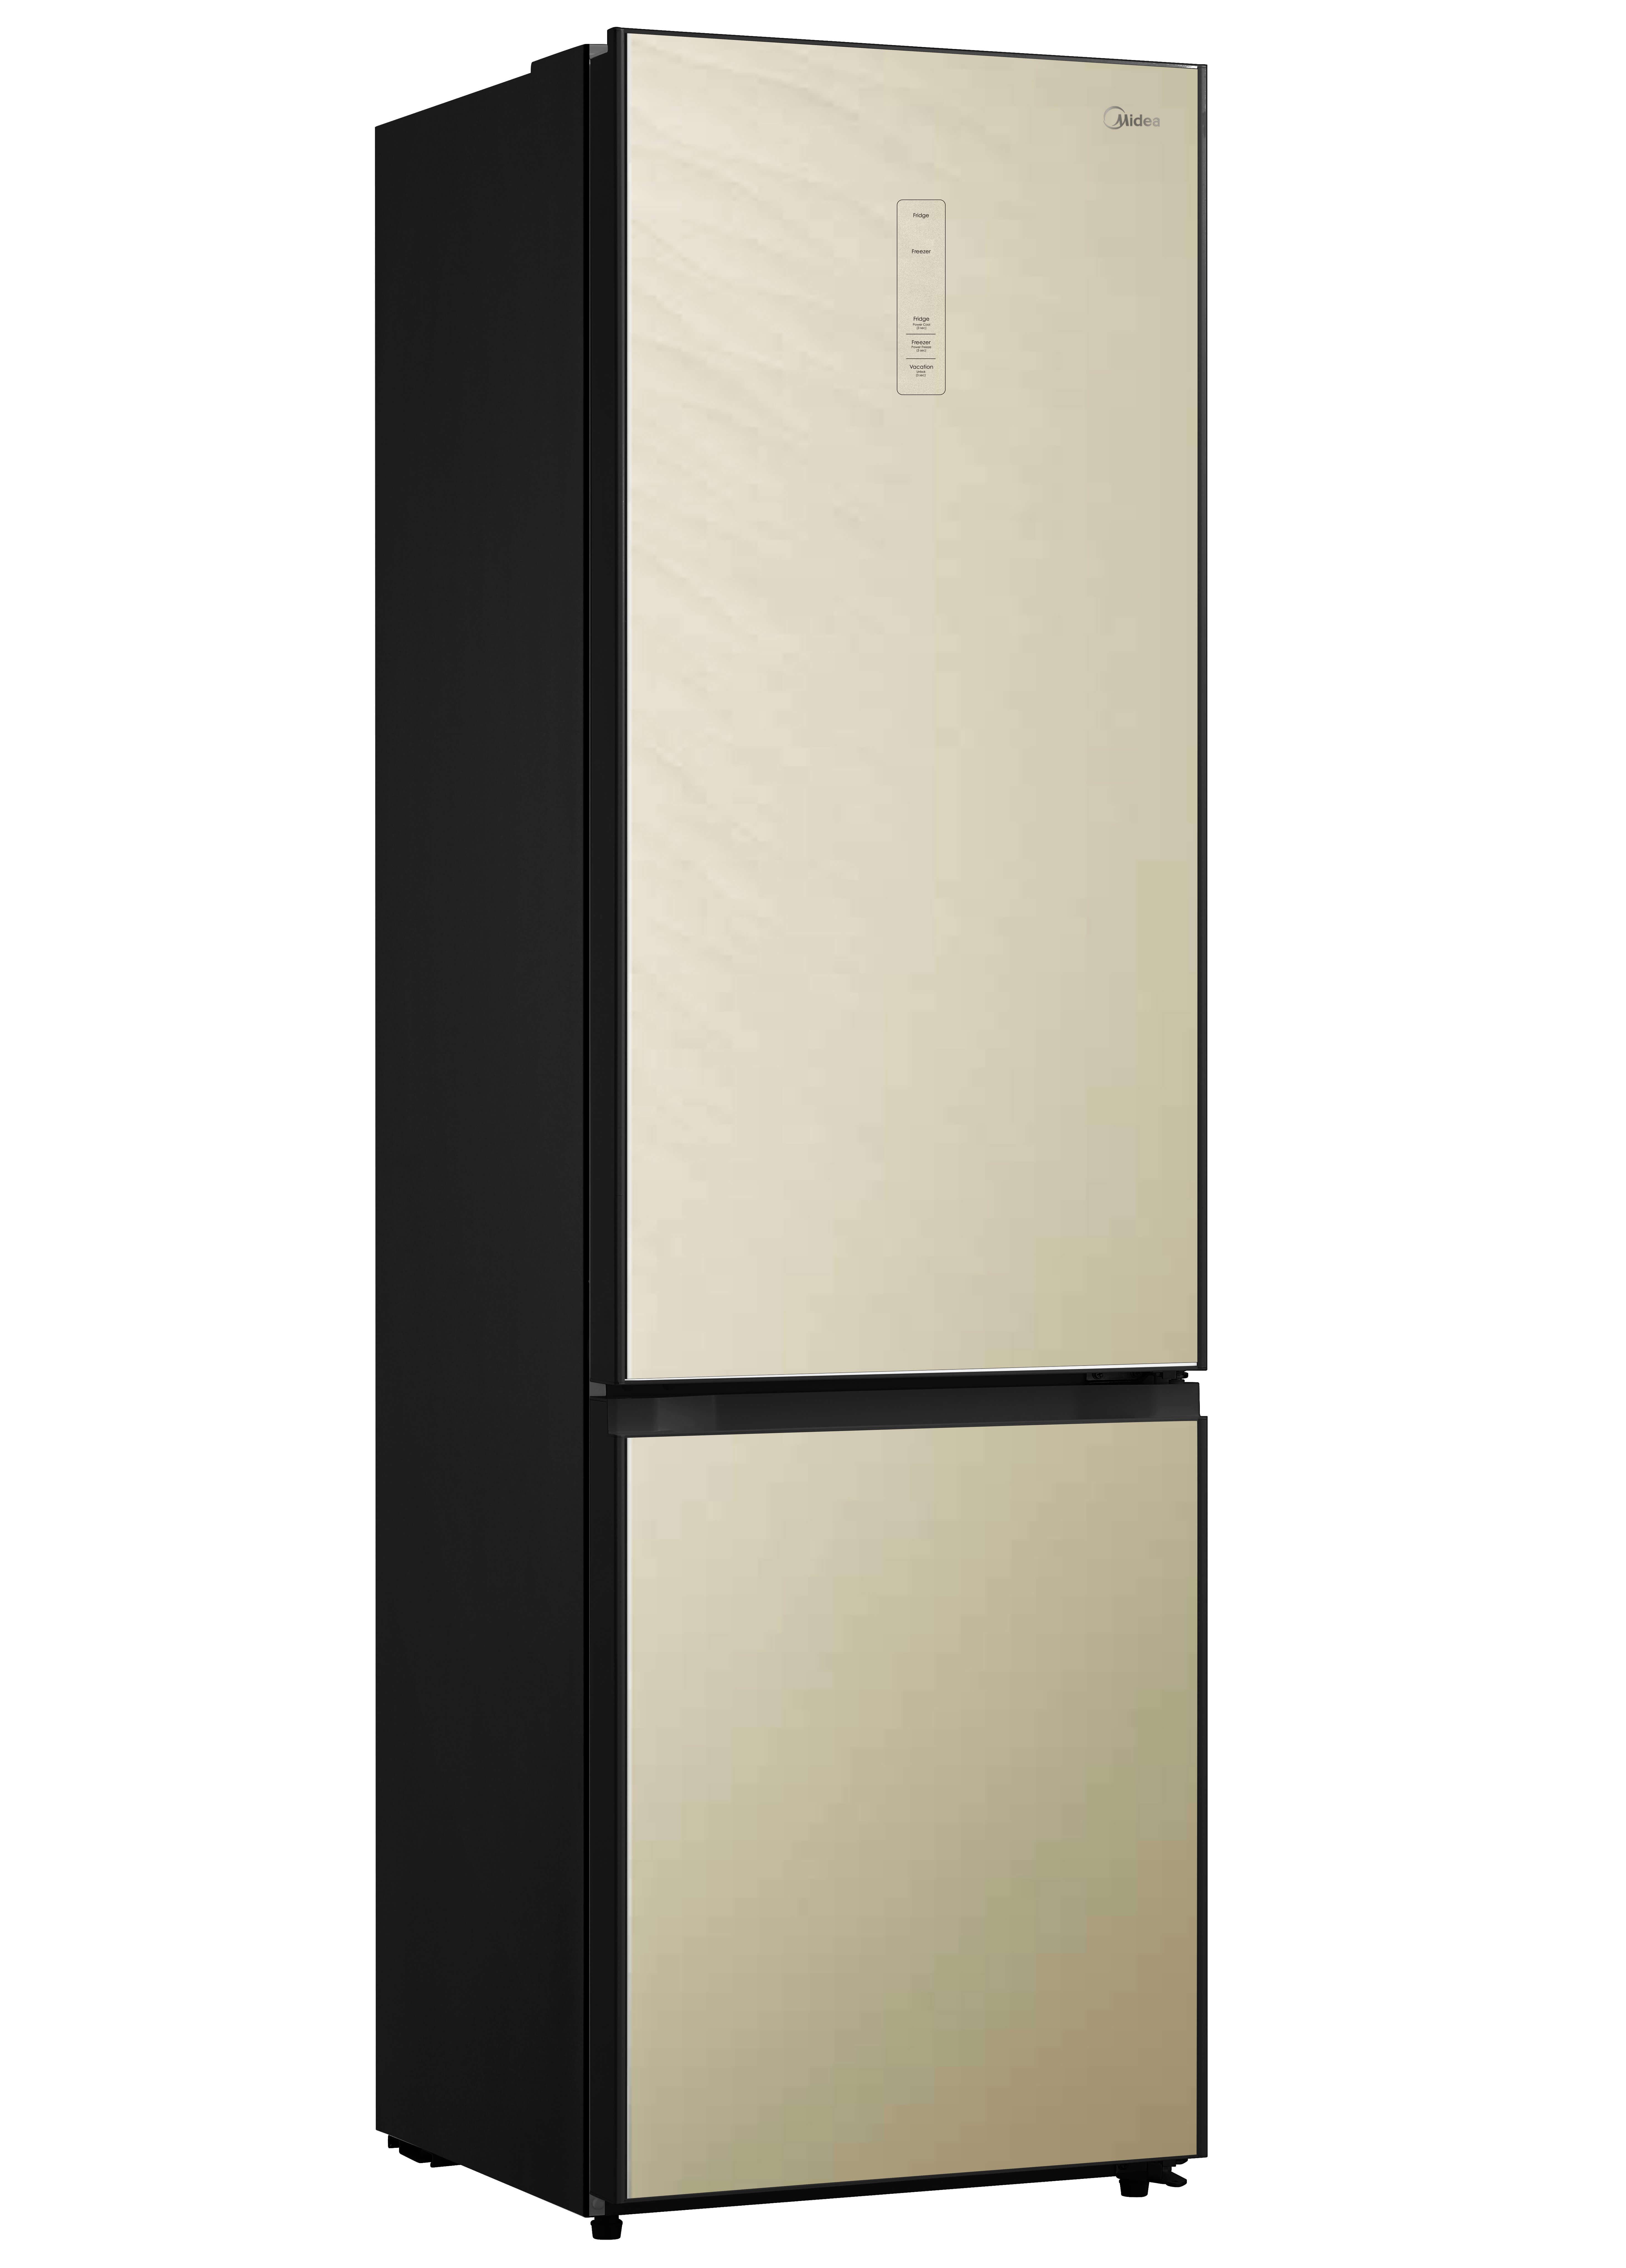 Холодильник Midea MRB520SFNGBE1 фото